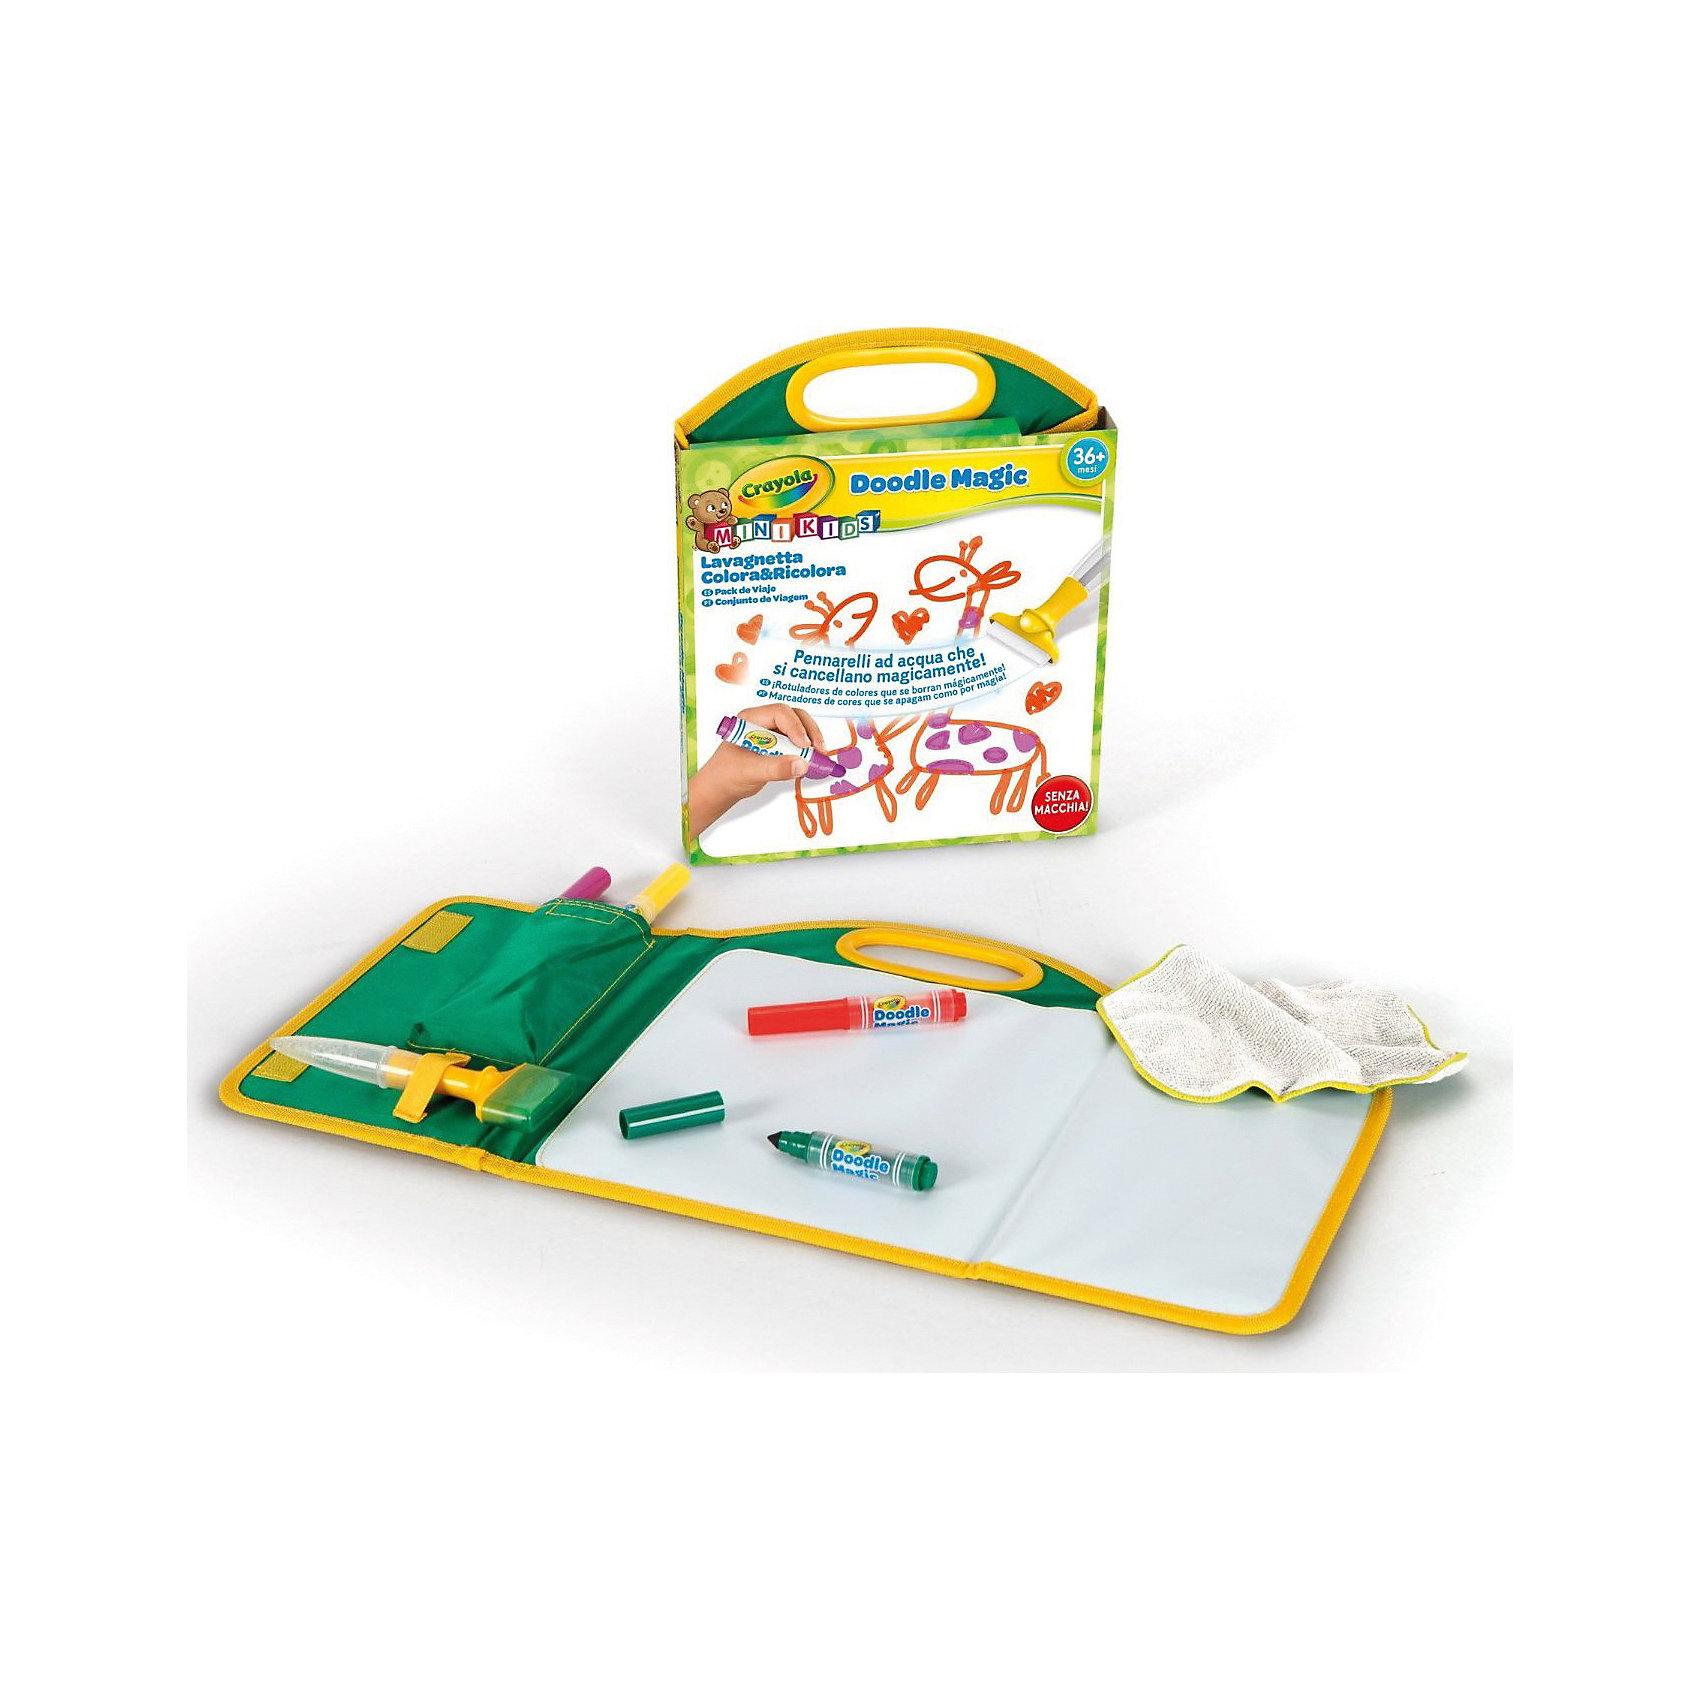 Дорожный набор Doodle magic, CrayolaРисование<br>Детский дорожный набор для рисования Doodle Magic всегда удобно брать с собой.  Он имеет удобные для переноски размеры, но при этом включает все необходимое для рисования. <br>Уникальность маркеров Doodle Magic в том, что рисунки, сделанные с их помощью, можно удалить с любой поверхности  обычной водой. Даже с одежды. А тряпочка и губка, которые тоже входят в набор, заметно облегчат эту задачу. В коробке с набором вы найдете 3 маркера Doodle Magic, а также полотно для рисования. Оно идеально подойдет для рисования и заменит обычную бумагу. Причем использовать эту поверхность можно бесконечное число раз. <br>Рекомендуется для детей от 3 лет.<br><br>Ширина мм: 284<br>Глубина мм: 225<br>Высота мм: 35<br>Вес г: 296<br>Возраст от месяцев: 36<br>Возраст до месяцев: 72<br>Пол: Унисекс<br>Возраст: Детский<br>SKU: 3638595